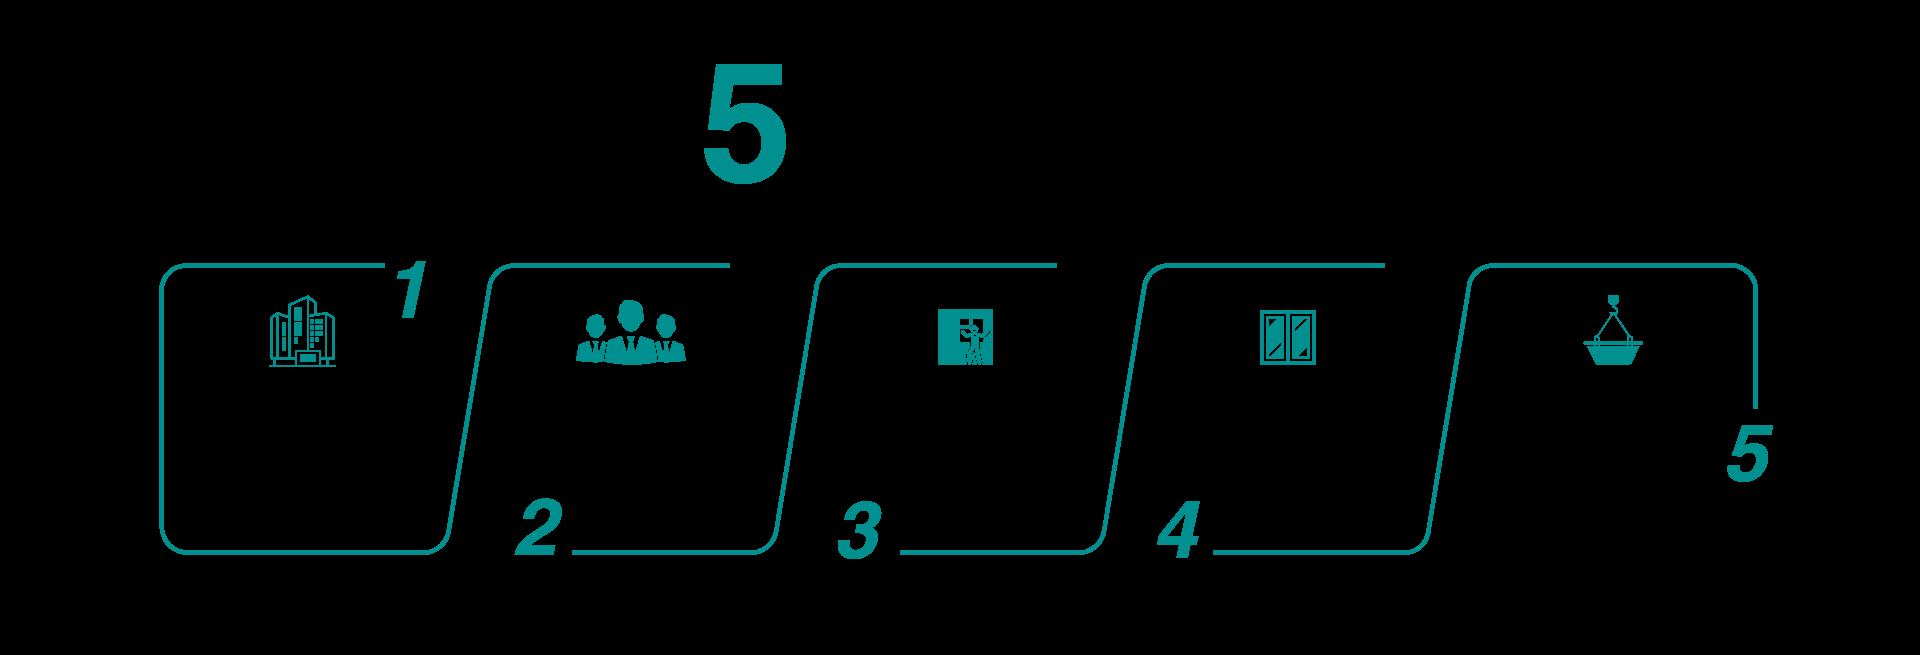 5 Lý do nên chọn KDesign làm đơn vị thiết kế và thi công nội thất